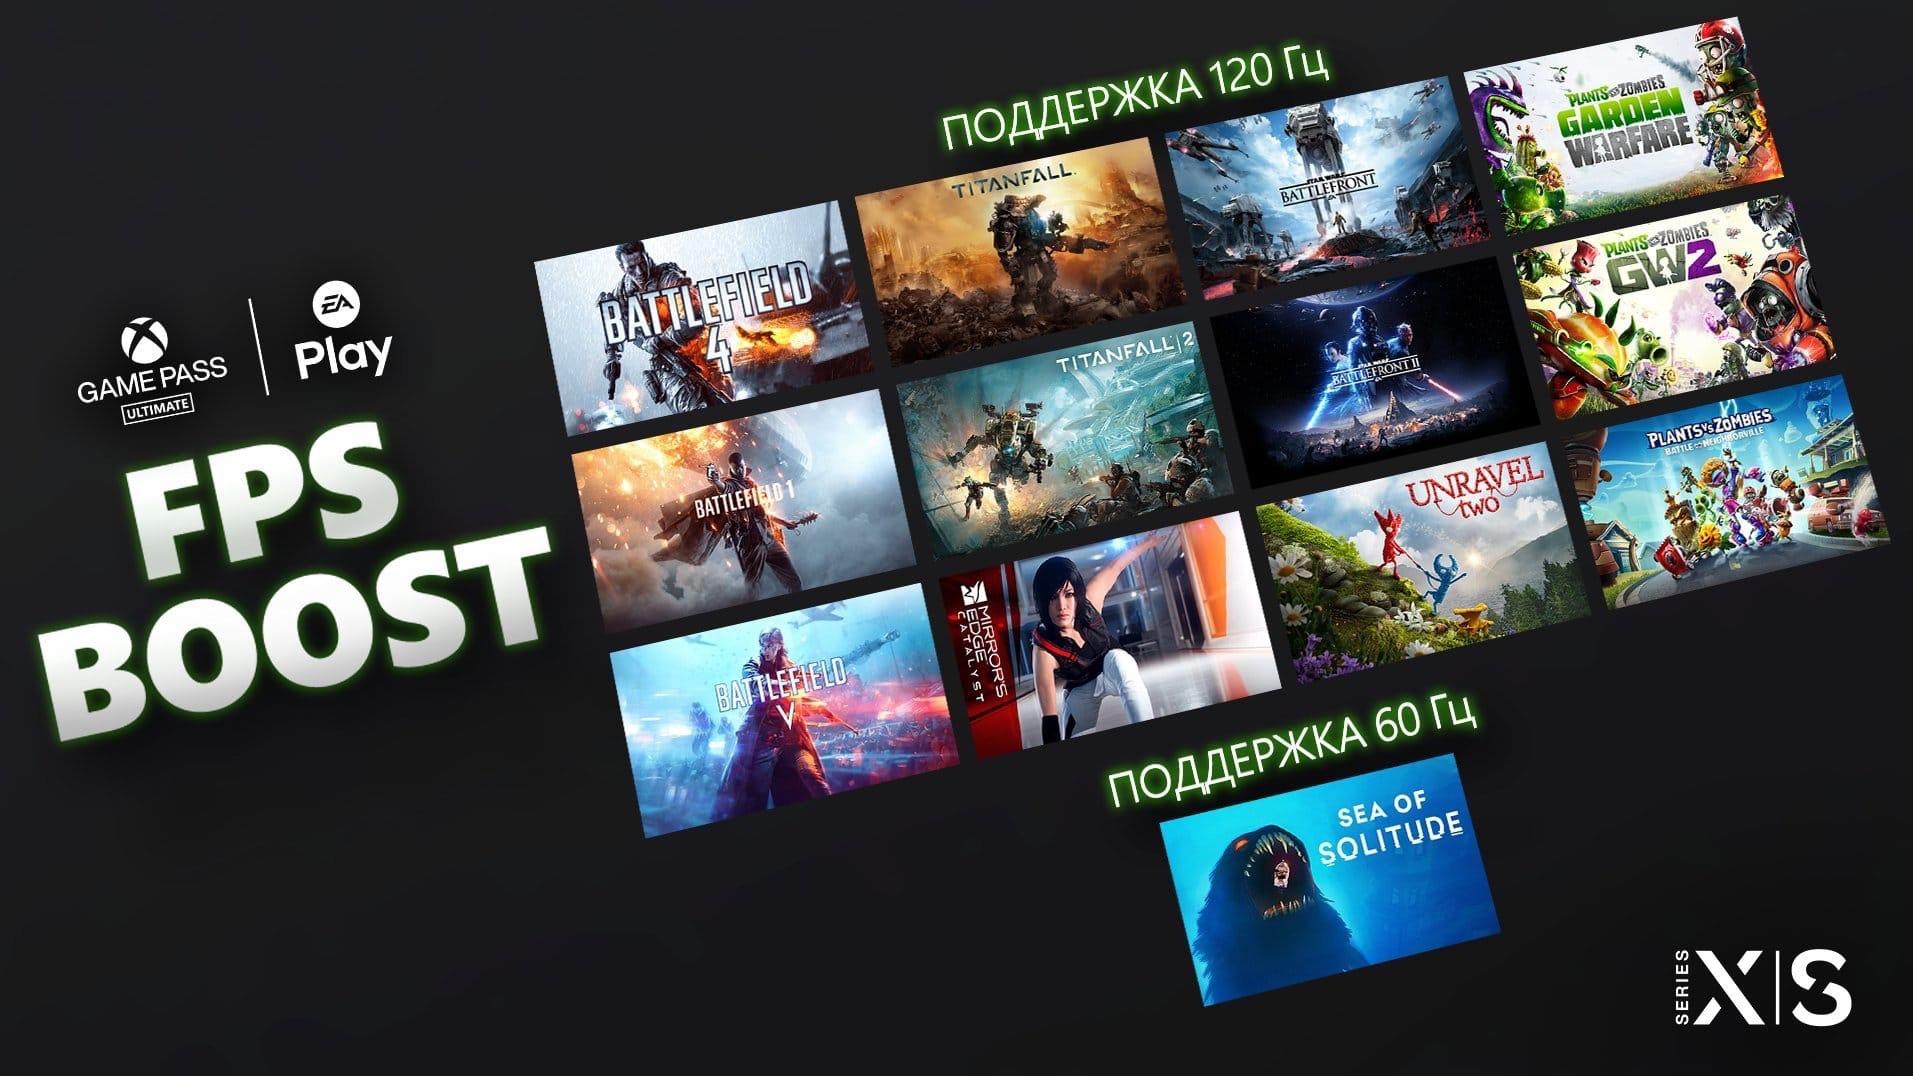 Digital Foundry протестировали 120 FPS в недавней подборке игр EA на Xbox Series X по программе FPS Boost